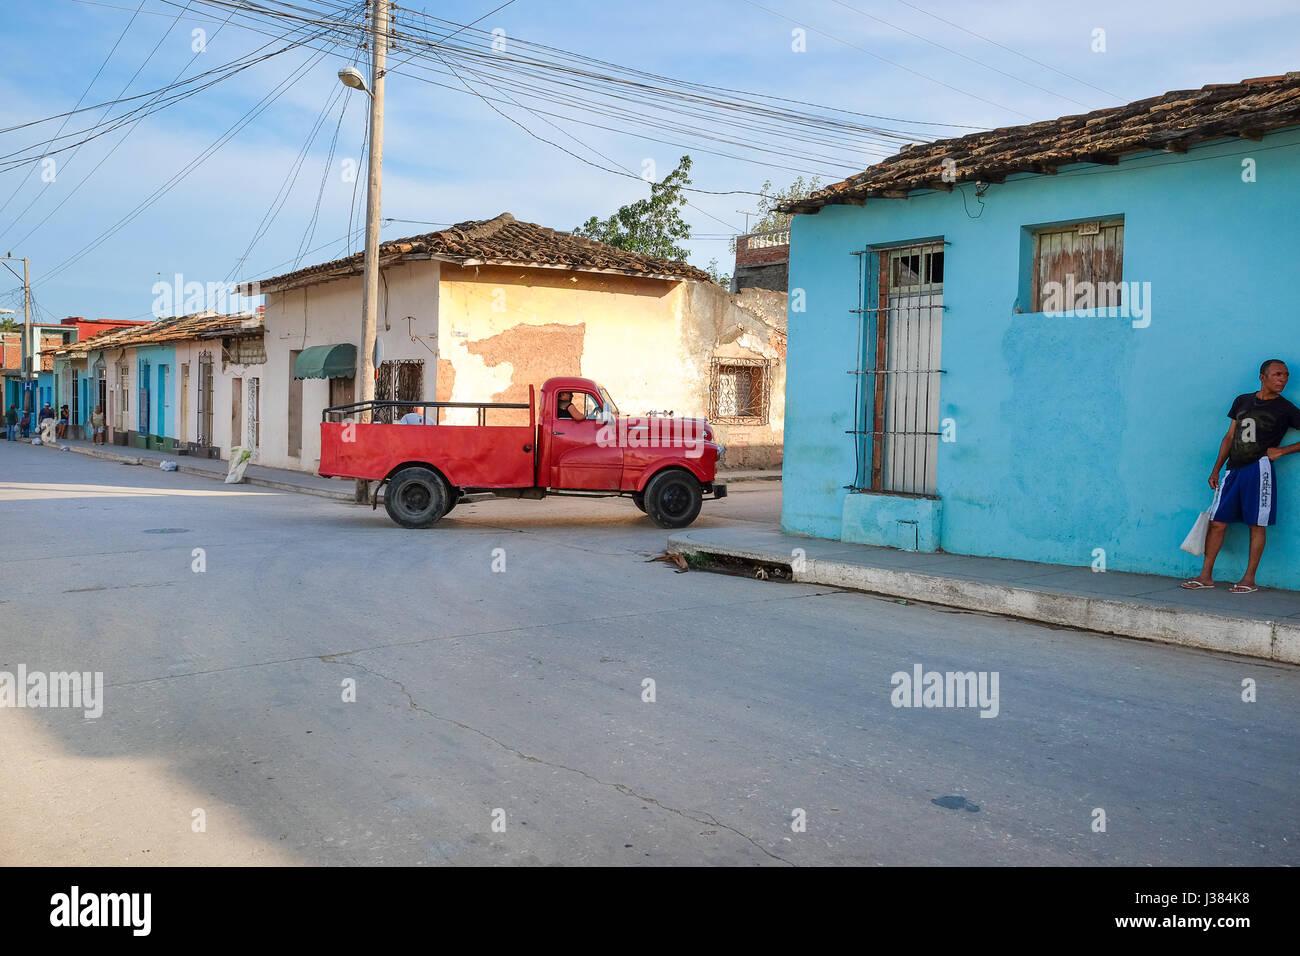 Calles de Trinidad, Cuba, pickup roja por conducción Imagen De Stock